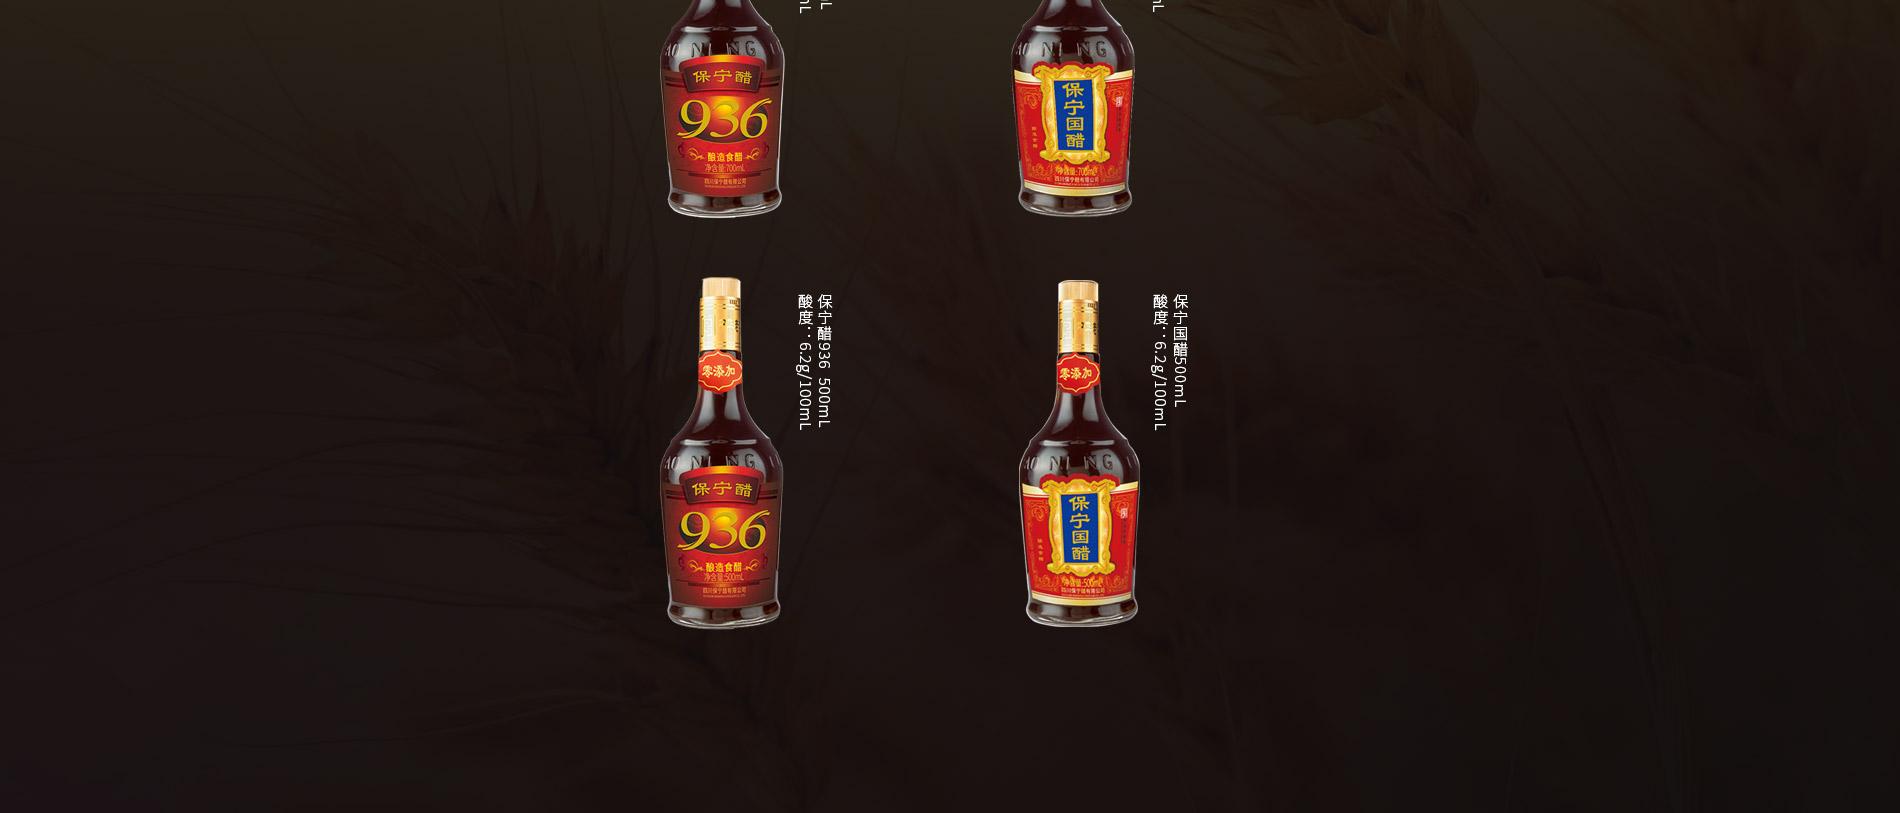 产品-国醋-恢复的_07.jpg